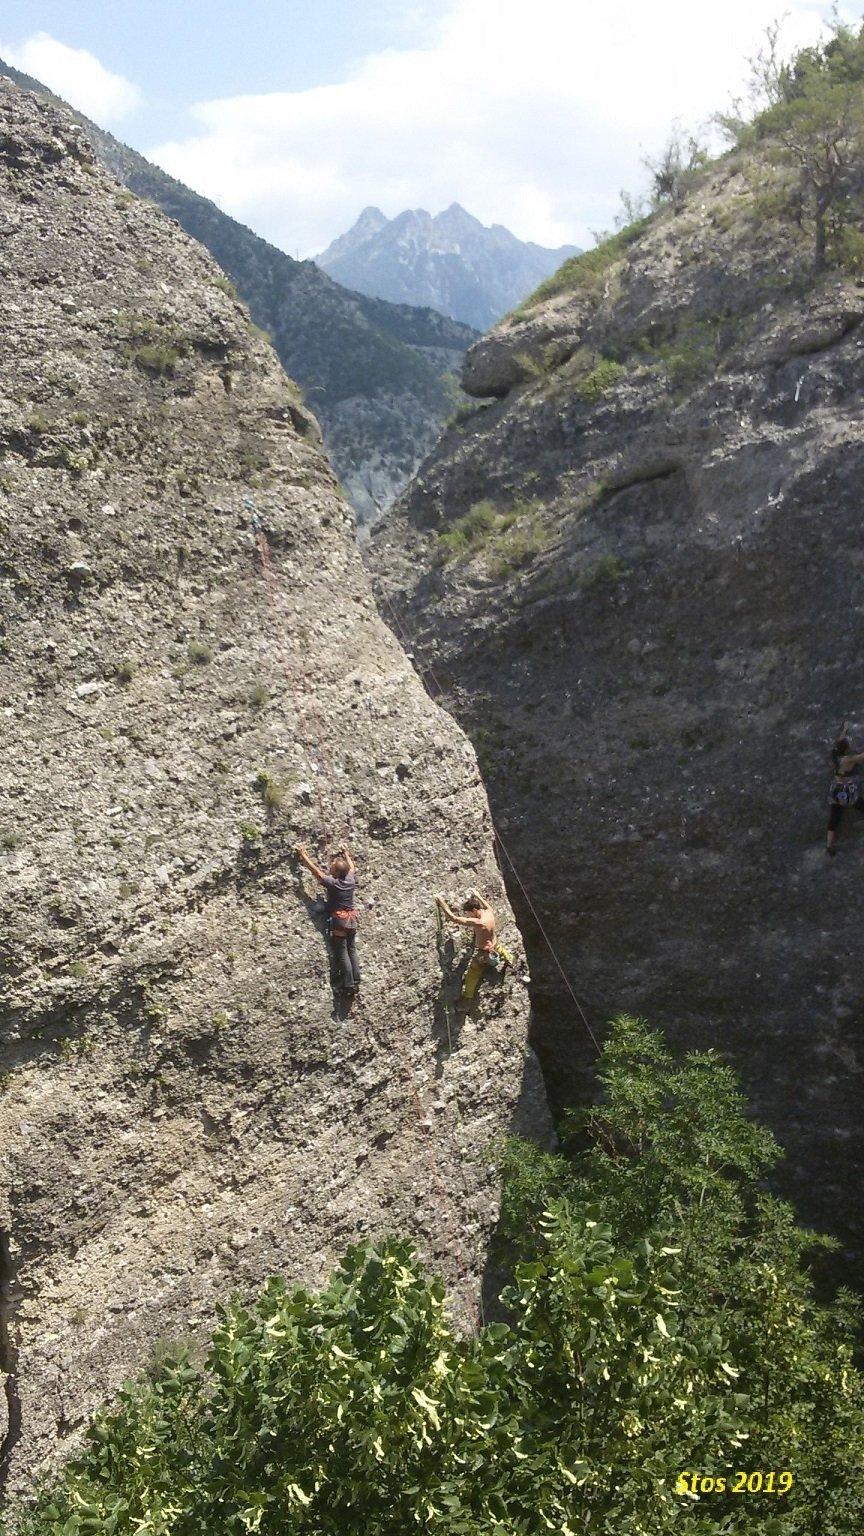 due 6a nel Canyon visti da Don de sperme katastrophique 6b